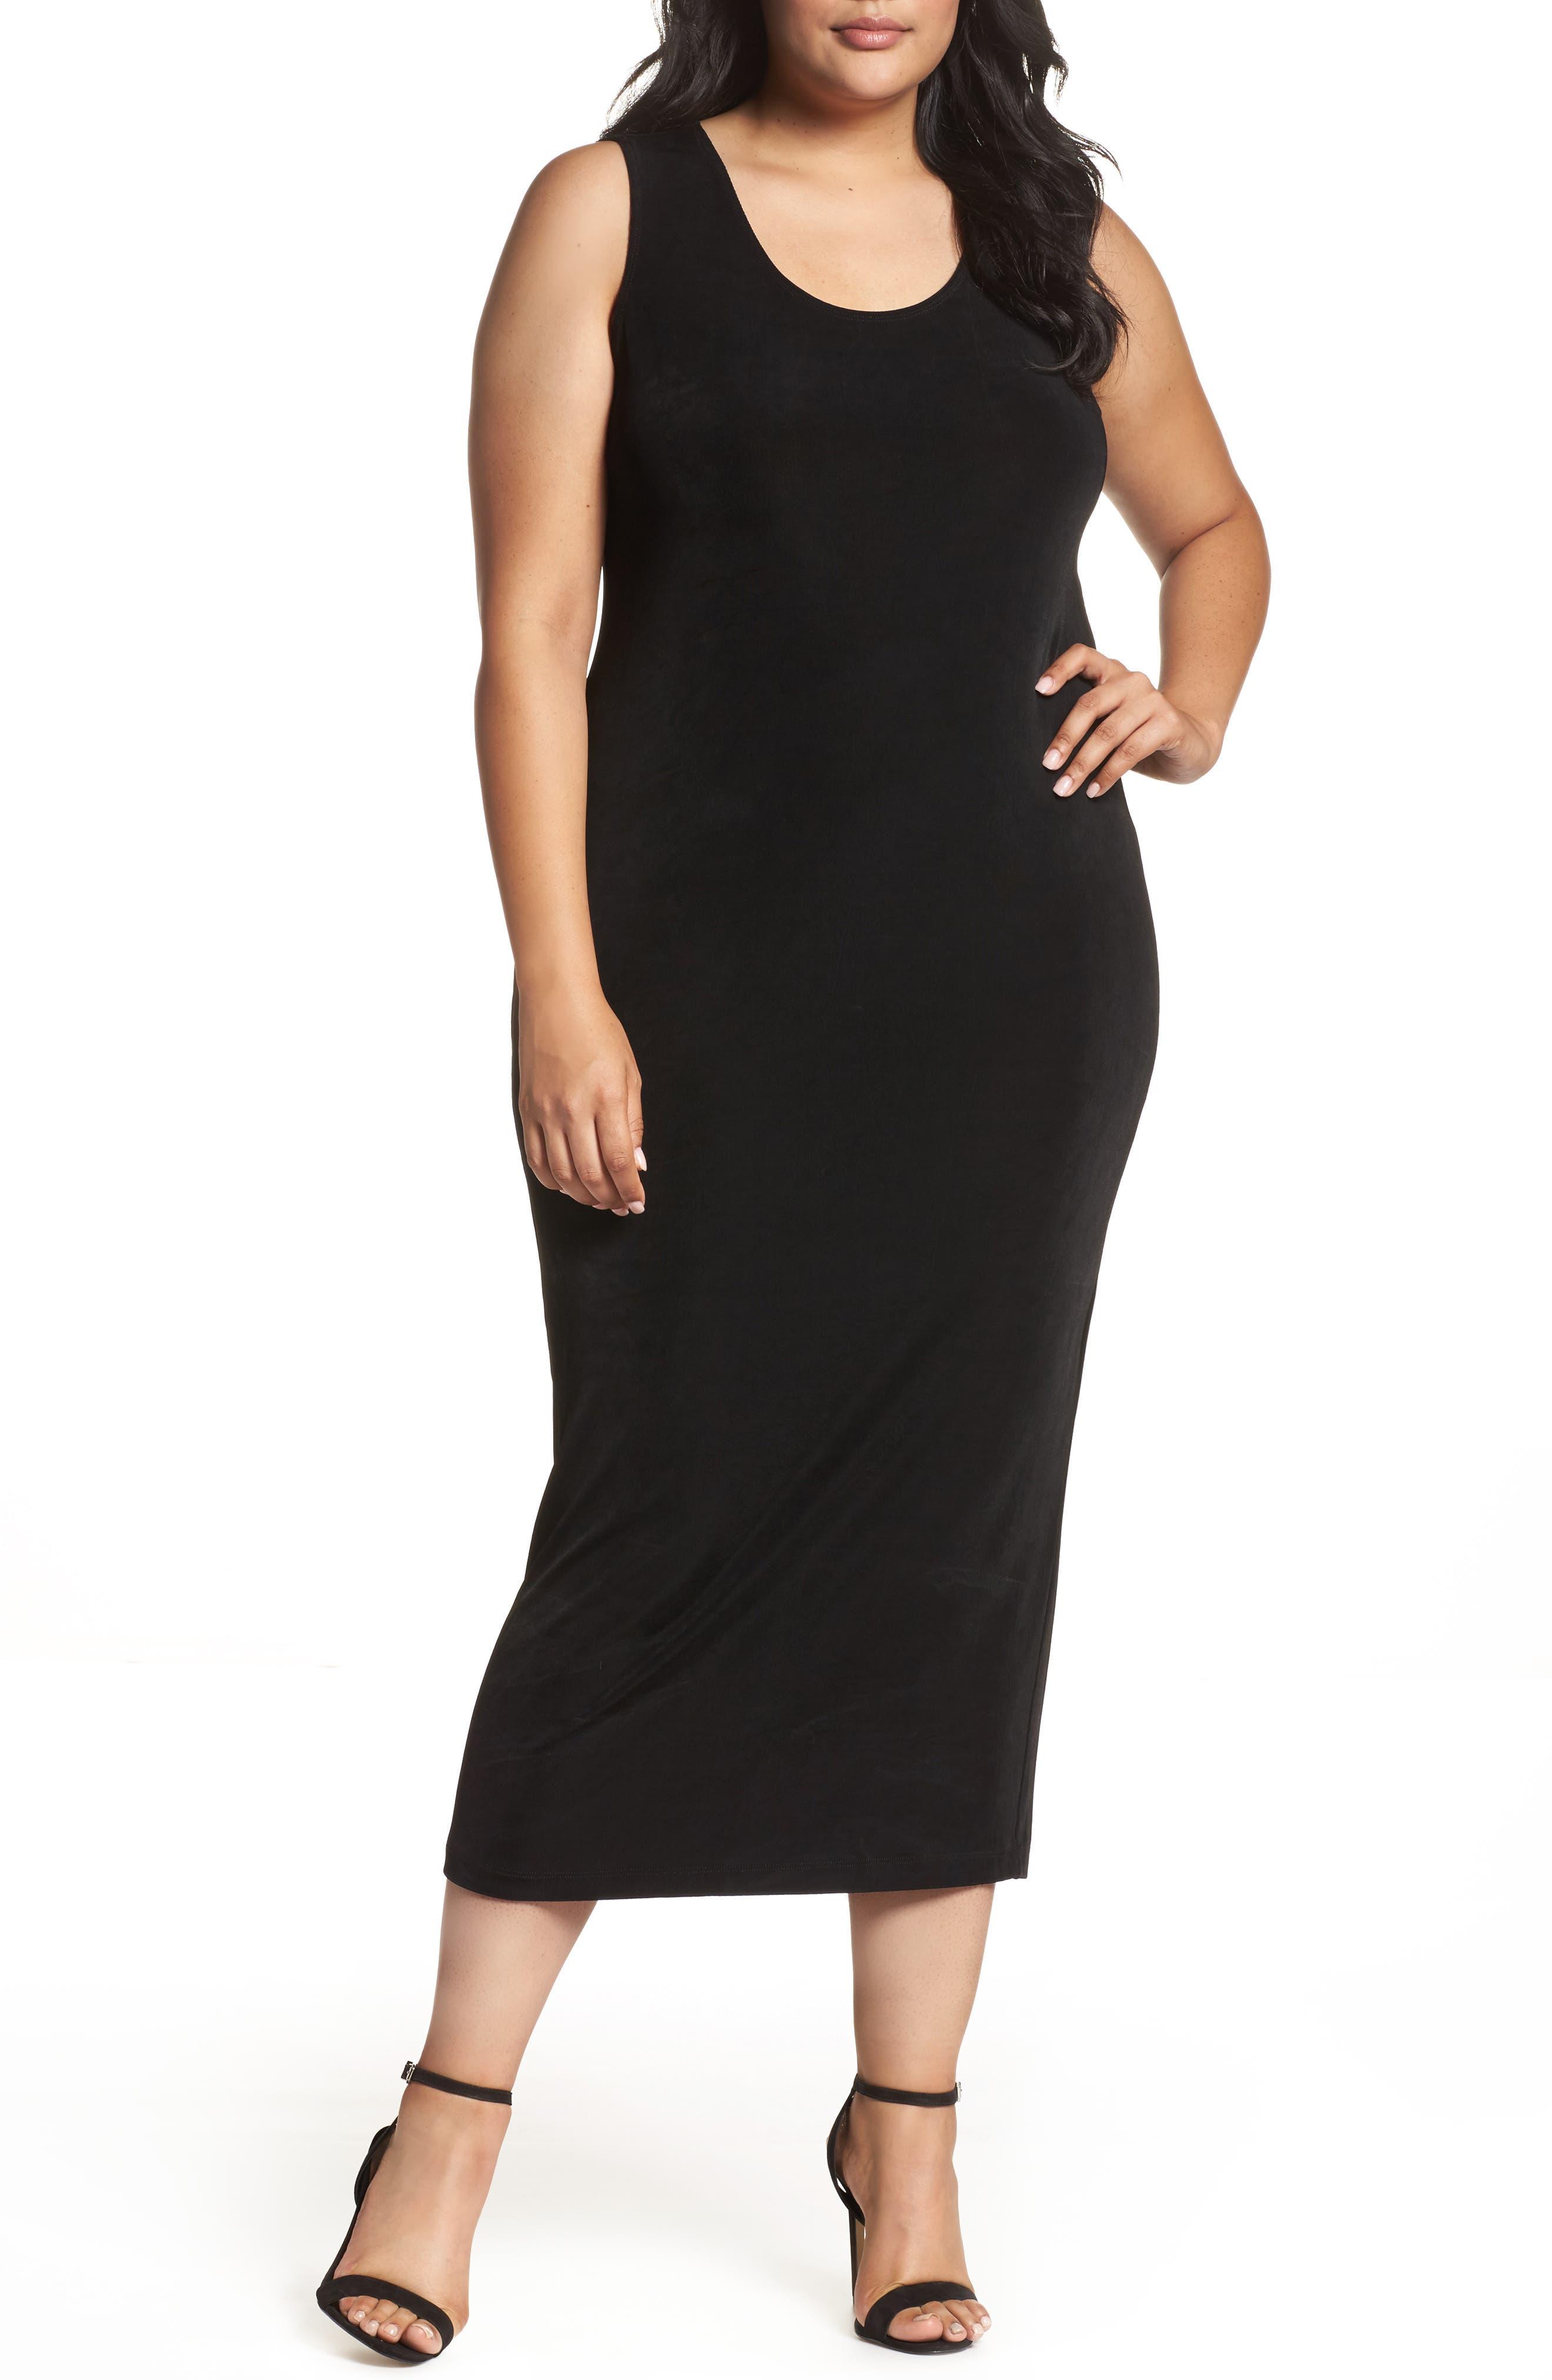 VIKKI VI, Sleeveless Maxi Tank Dress, Main thumbnail 1, color, BLACK